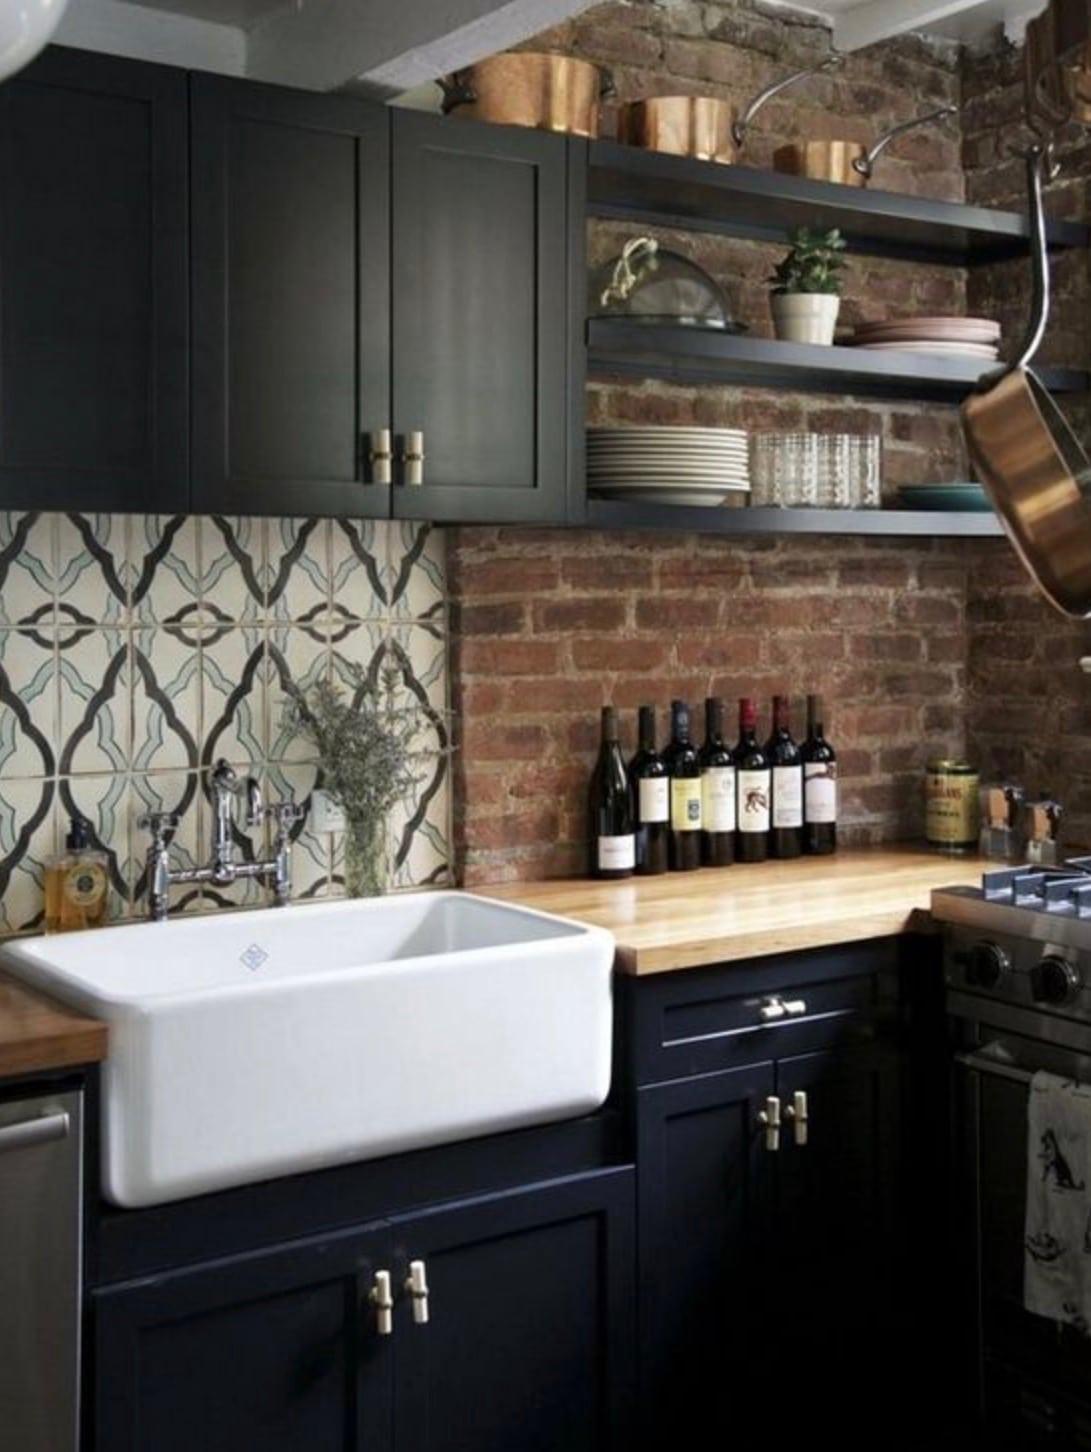 Cuisine brique noir bois - Camille & Victor